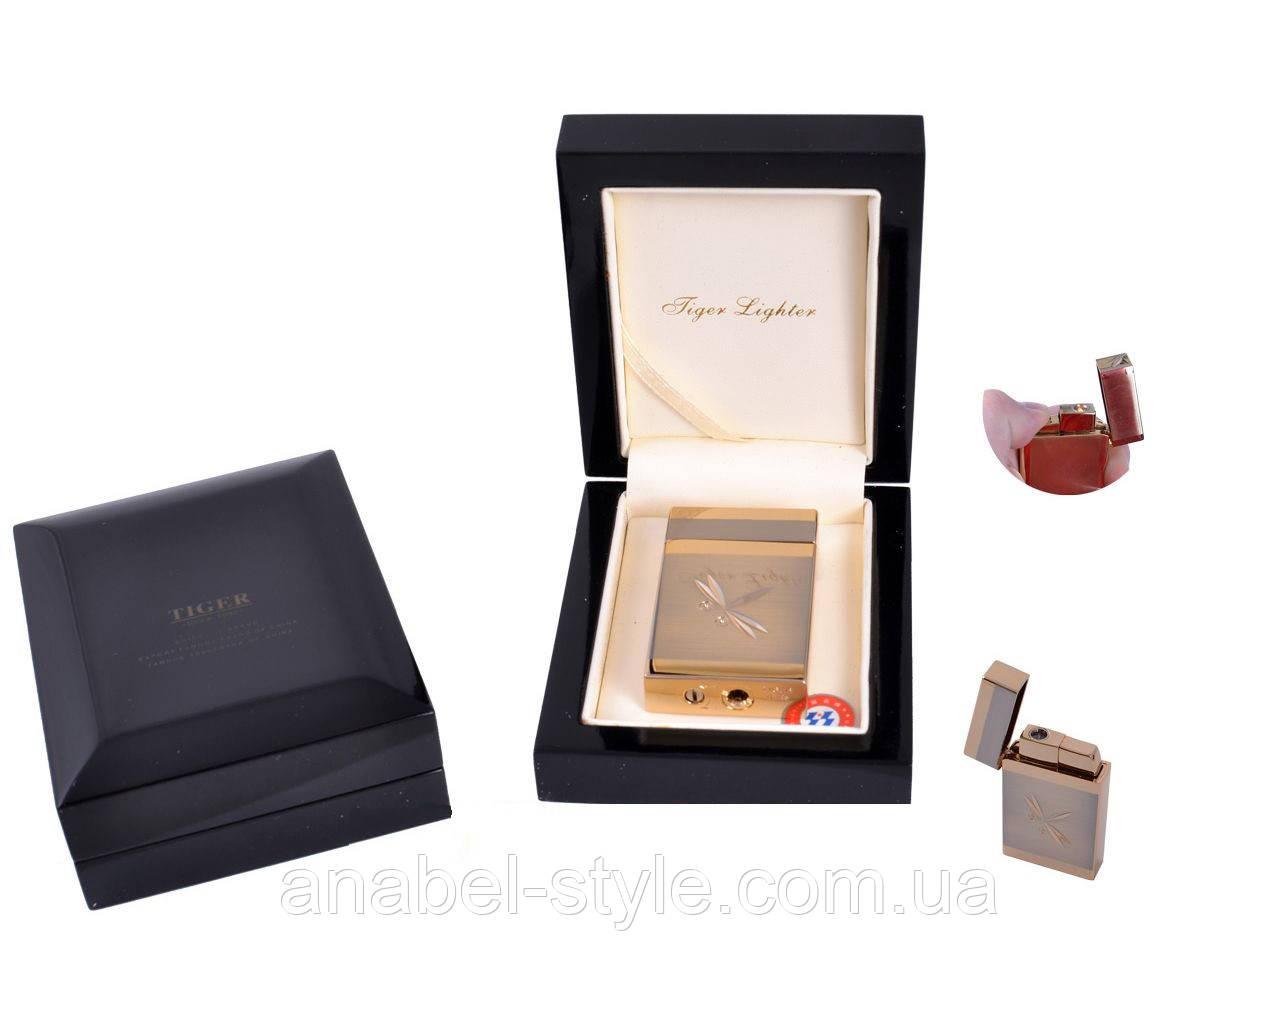 Зажигалка в подарочной упаковке Tiger (Турбо пламя) №3269-4 Код 119939